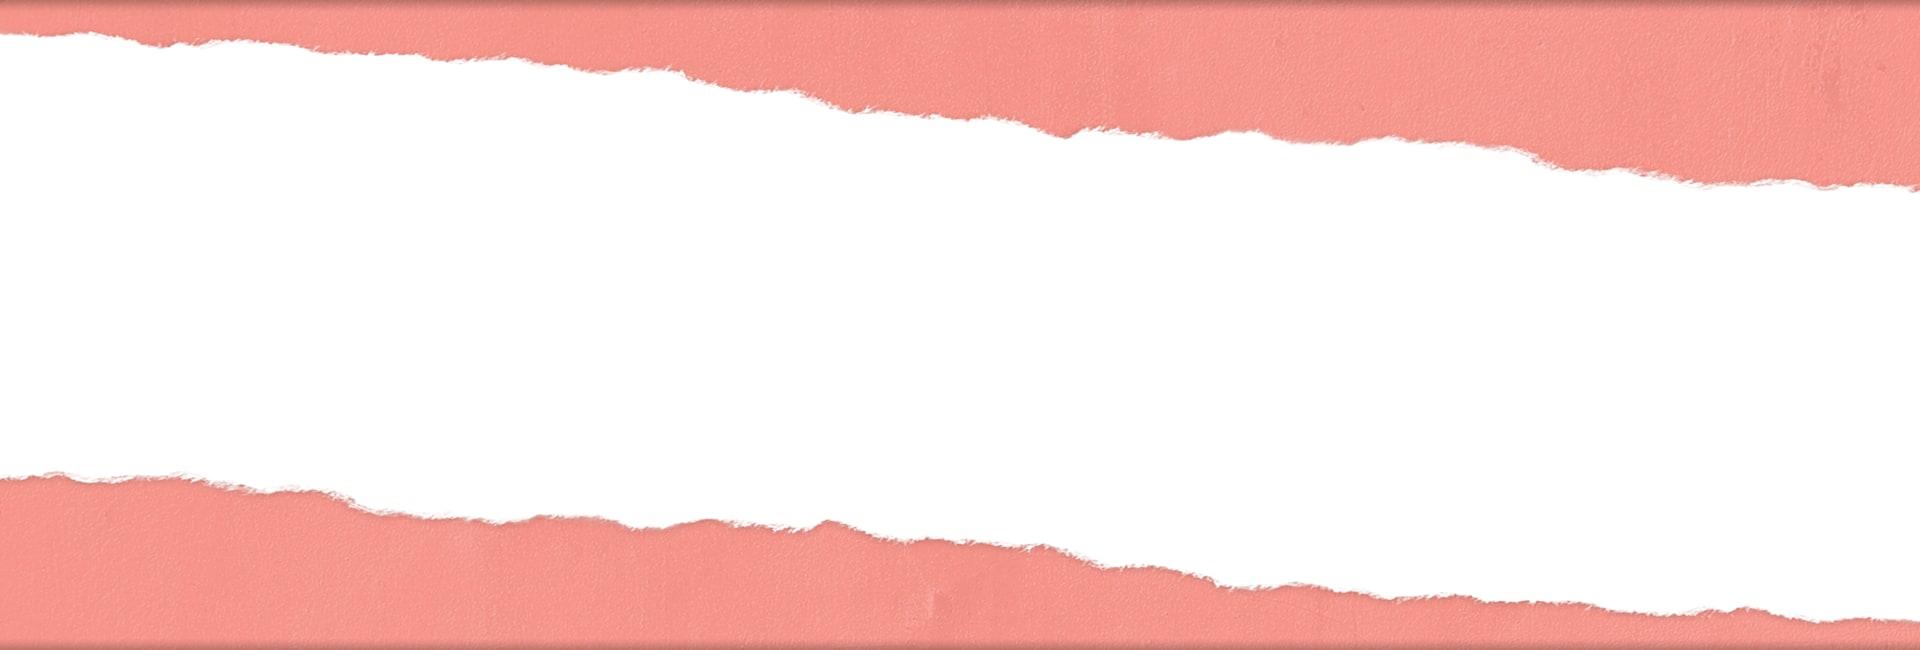 ¹ワロフスキー公式オンラインストア ¸ュエリー ¢クセサリーなど By ¹ワロフスキー